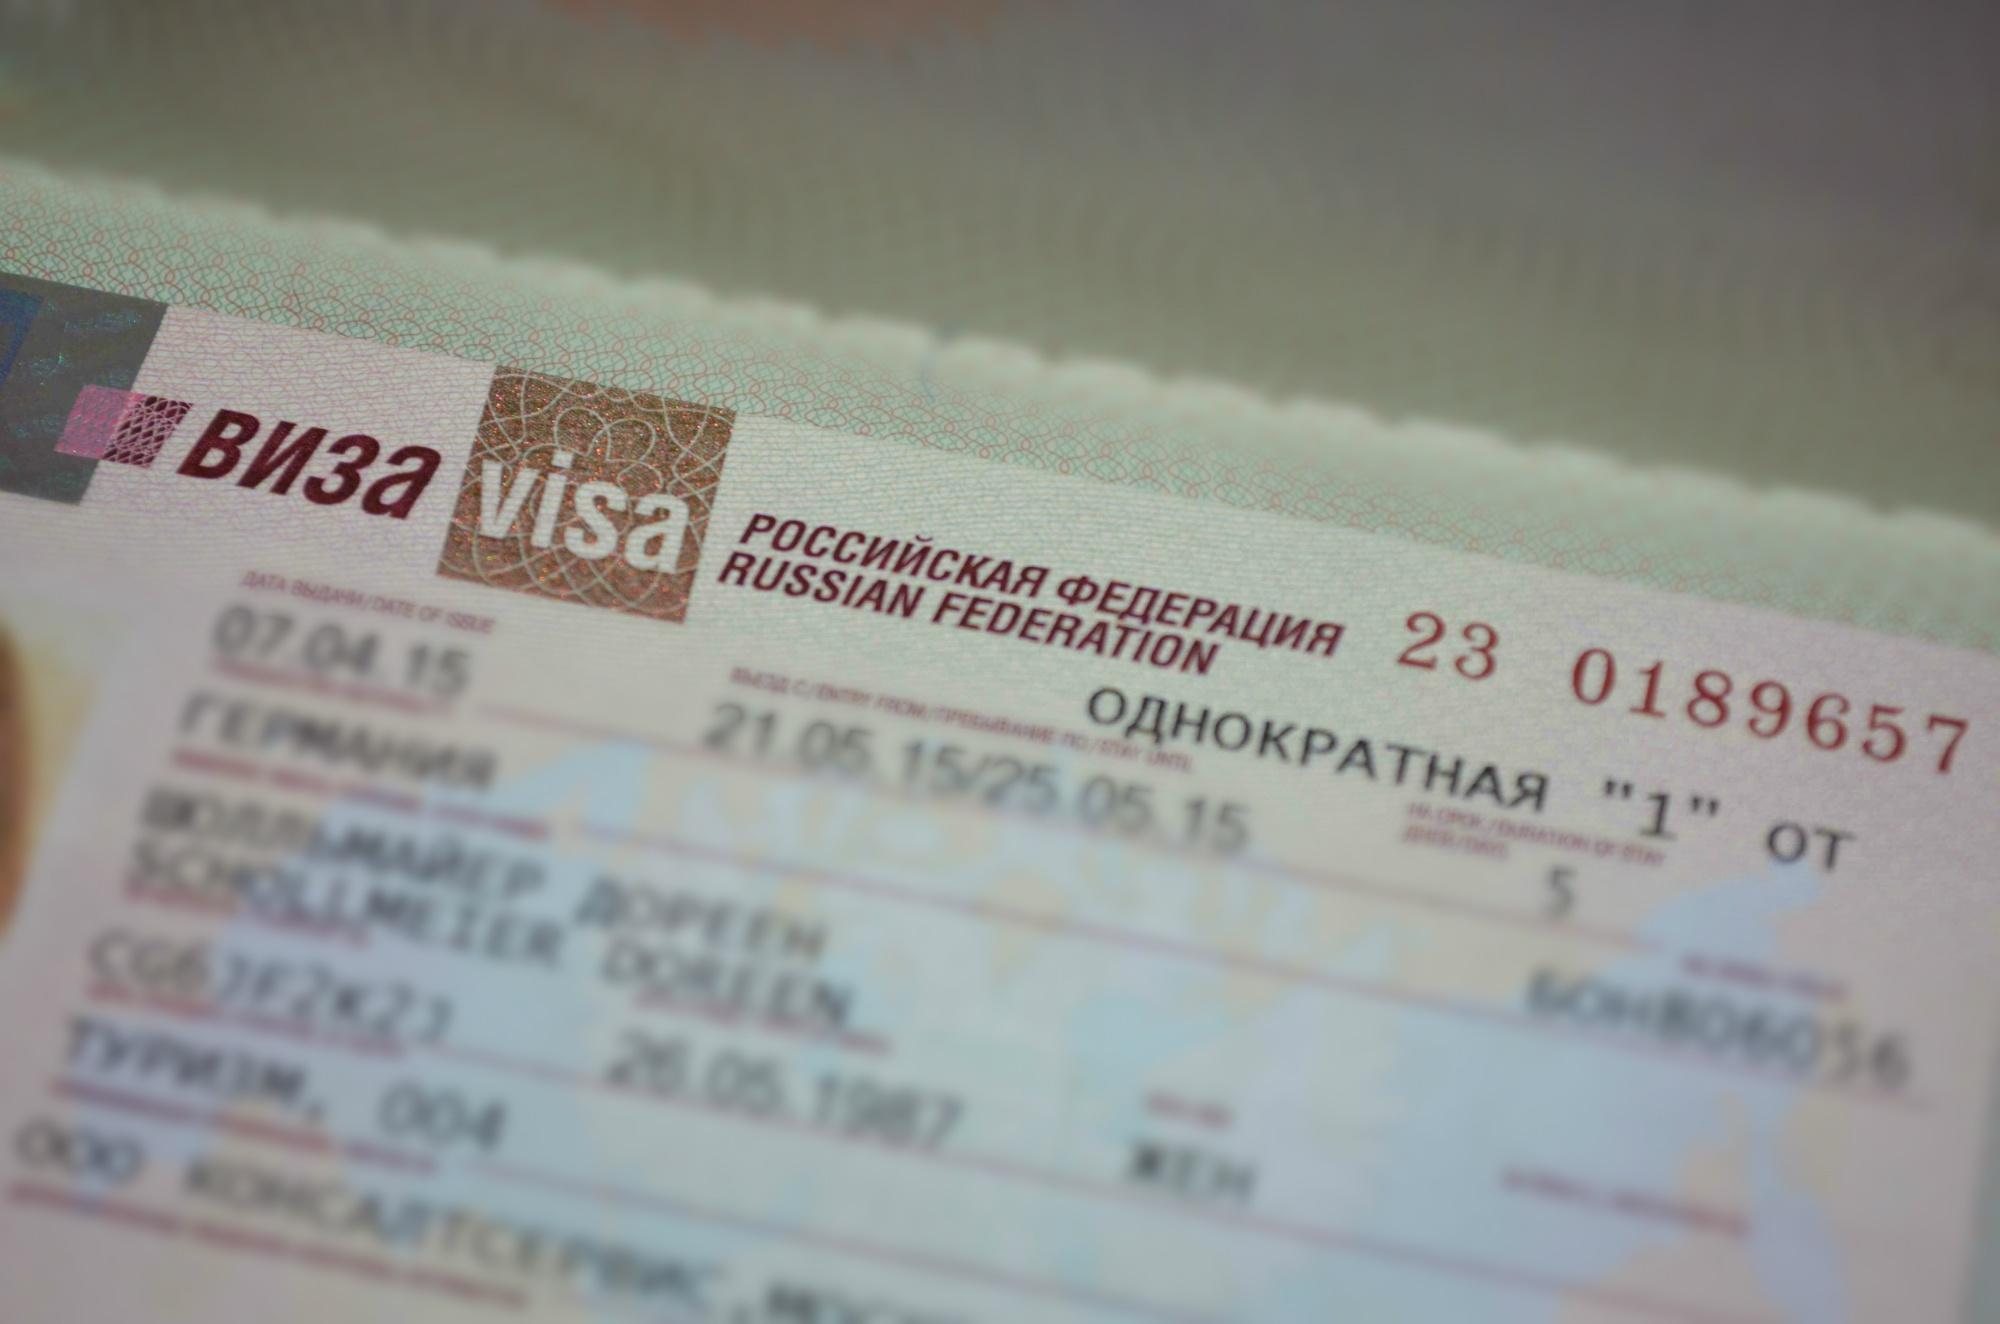 wie beantrage ich ein russland visum? - fernsuchtblog.de, Kreative einladungen